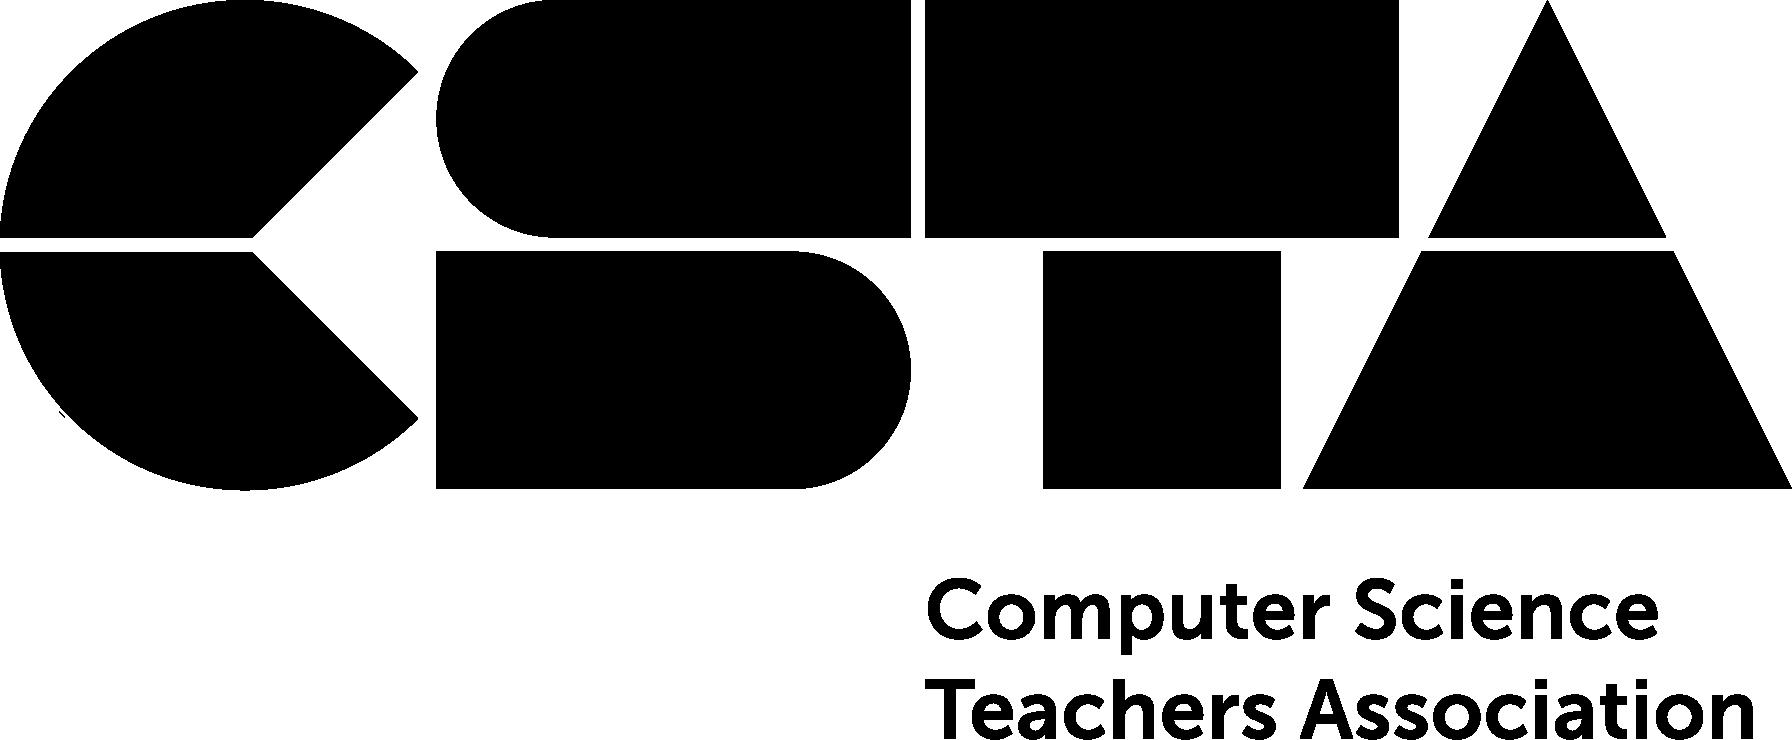 CSTA Logo